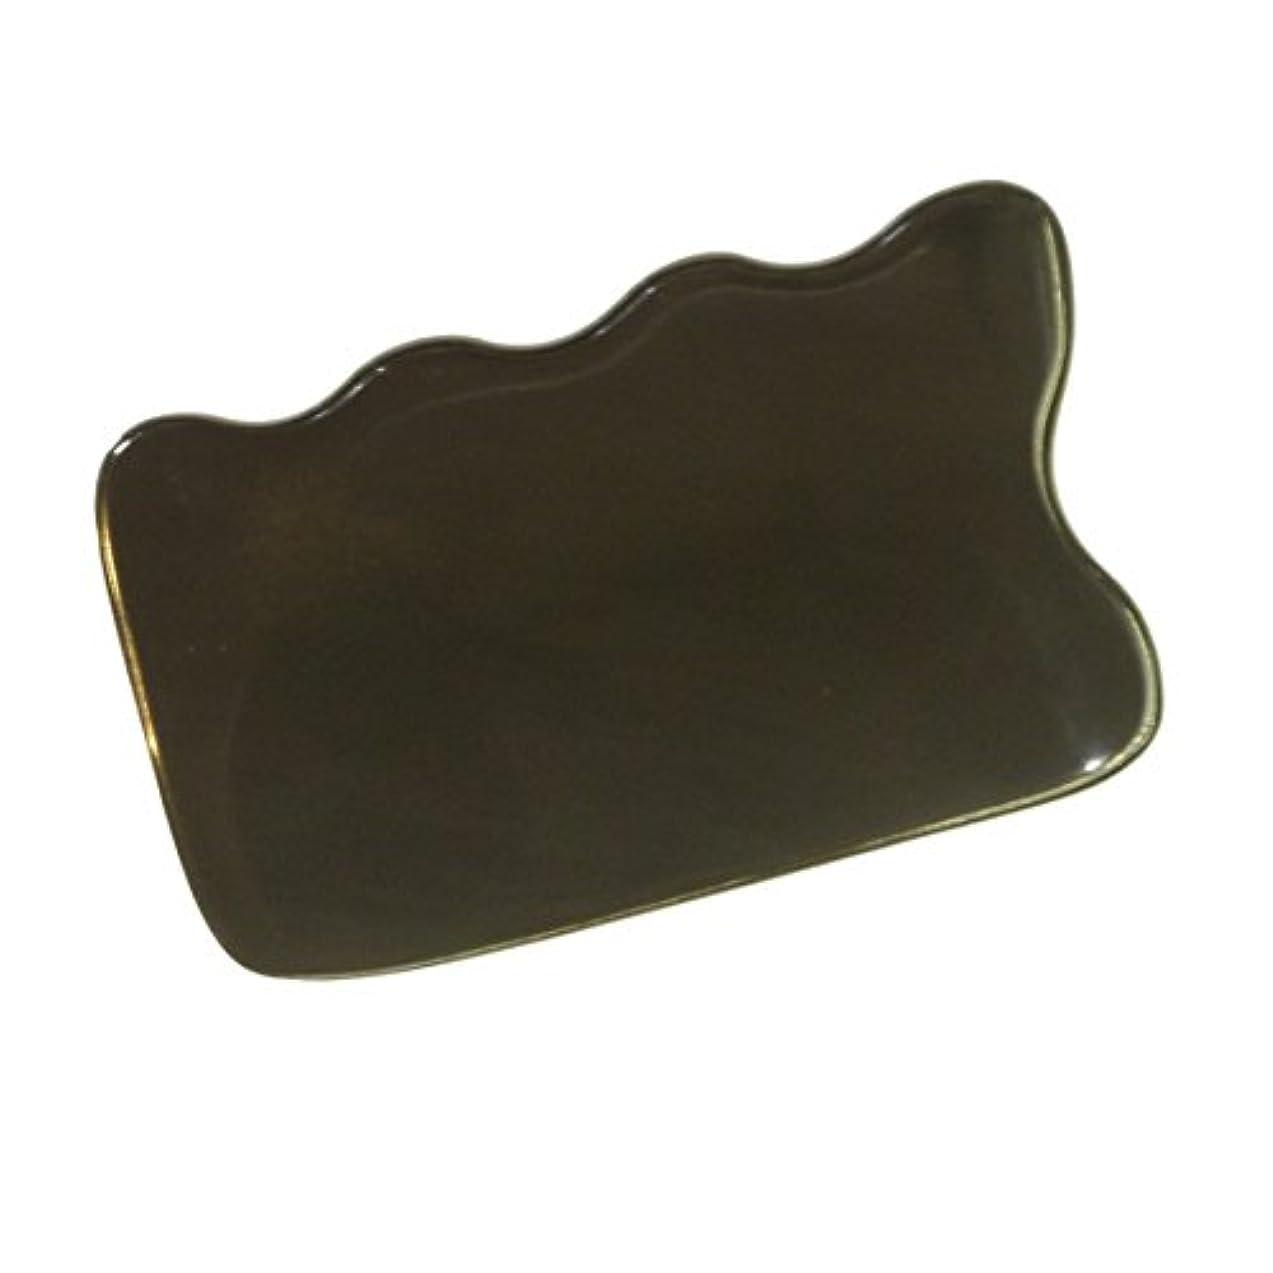 お茶わかるささやきかっさ プレート 厚さが選べる 水牛の角(黒水牛角) EHE220 四角波 一般品 厚め(7ミリ程度)